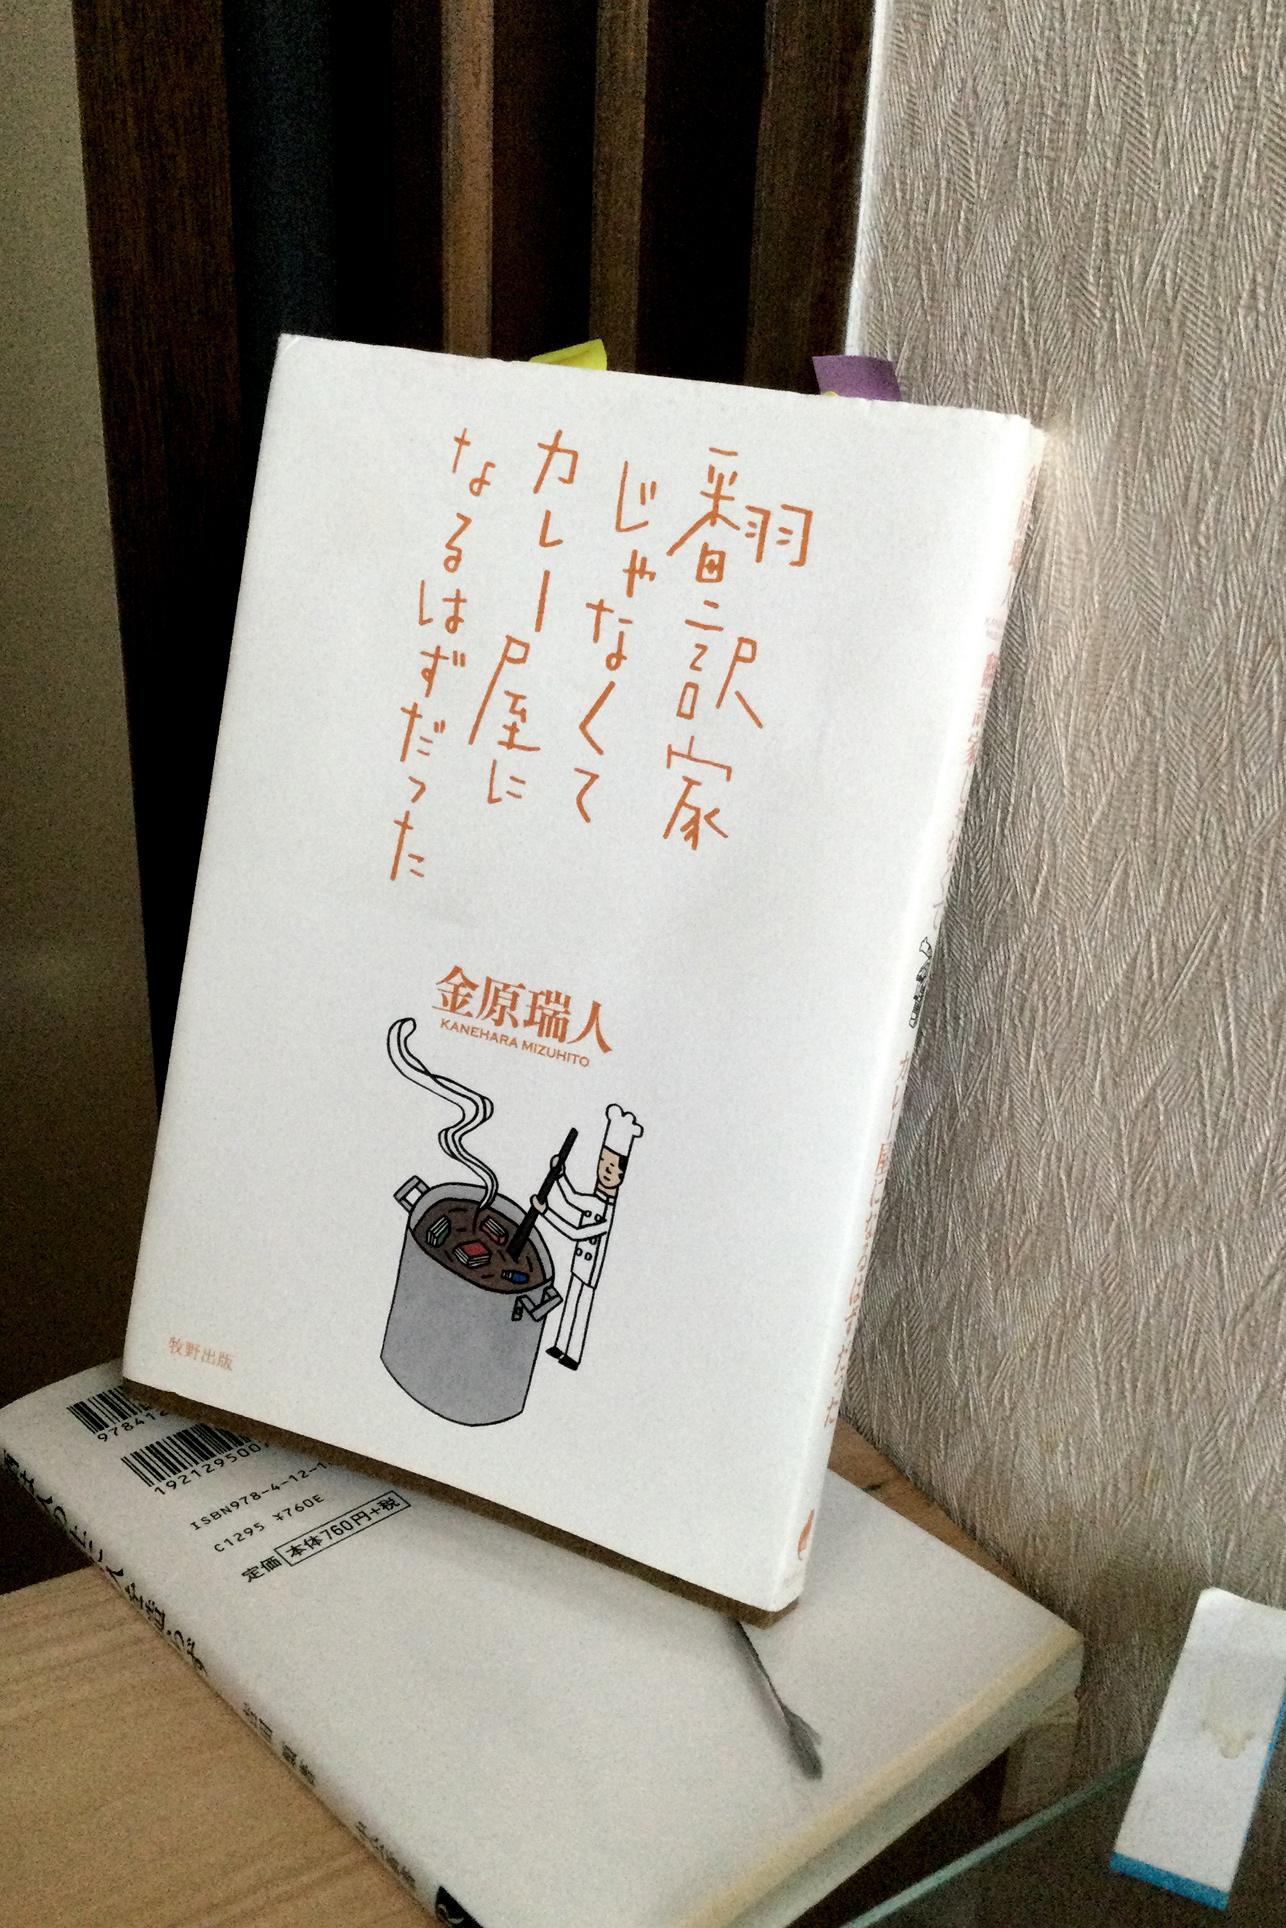 書籍翻訳家じゃなくてカレー屋になるはずだった(金原 瑞人/牧野出版)」の表紙画像